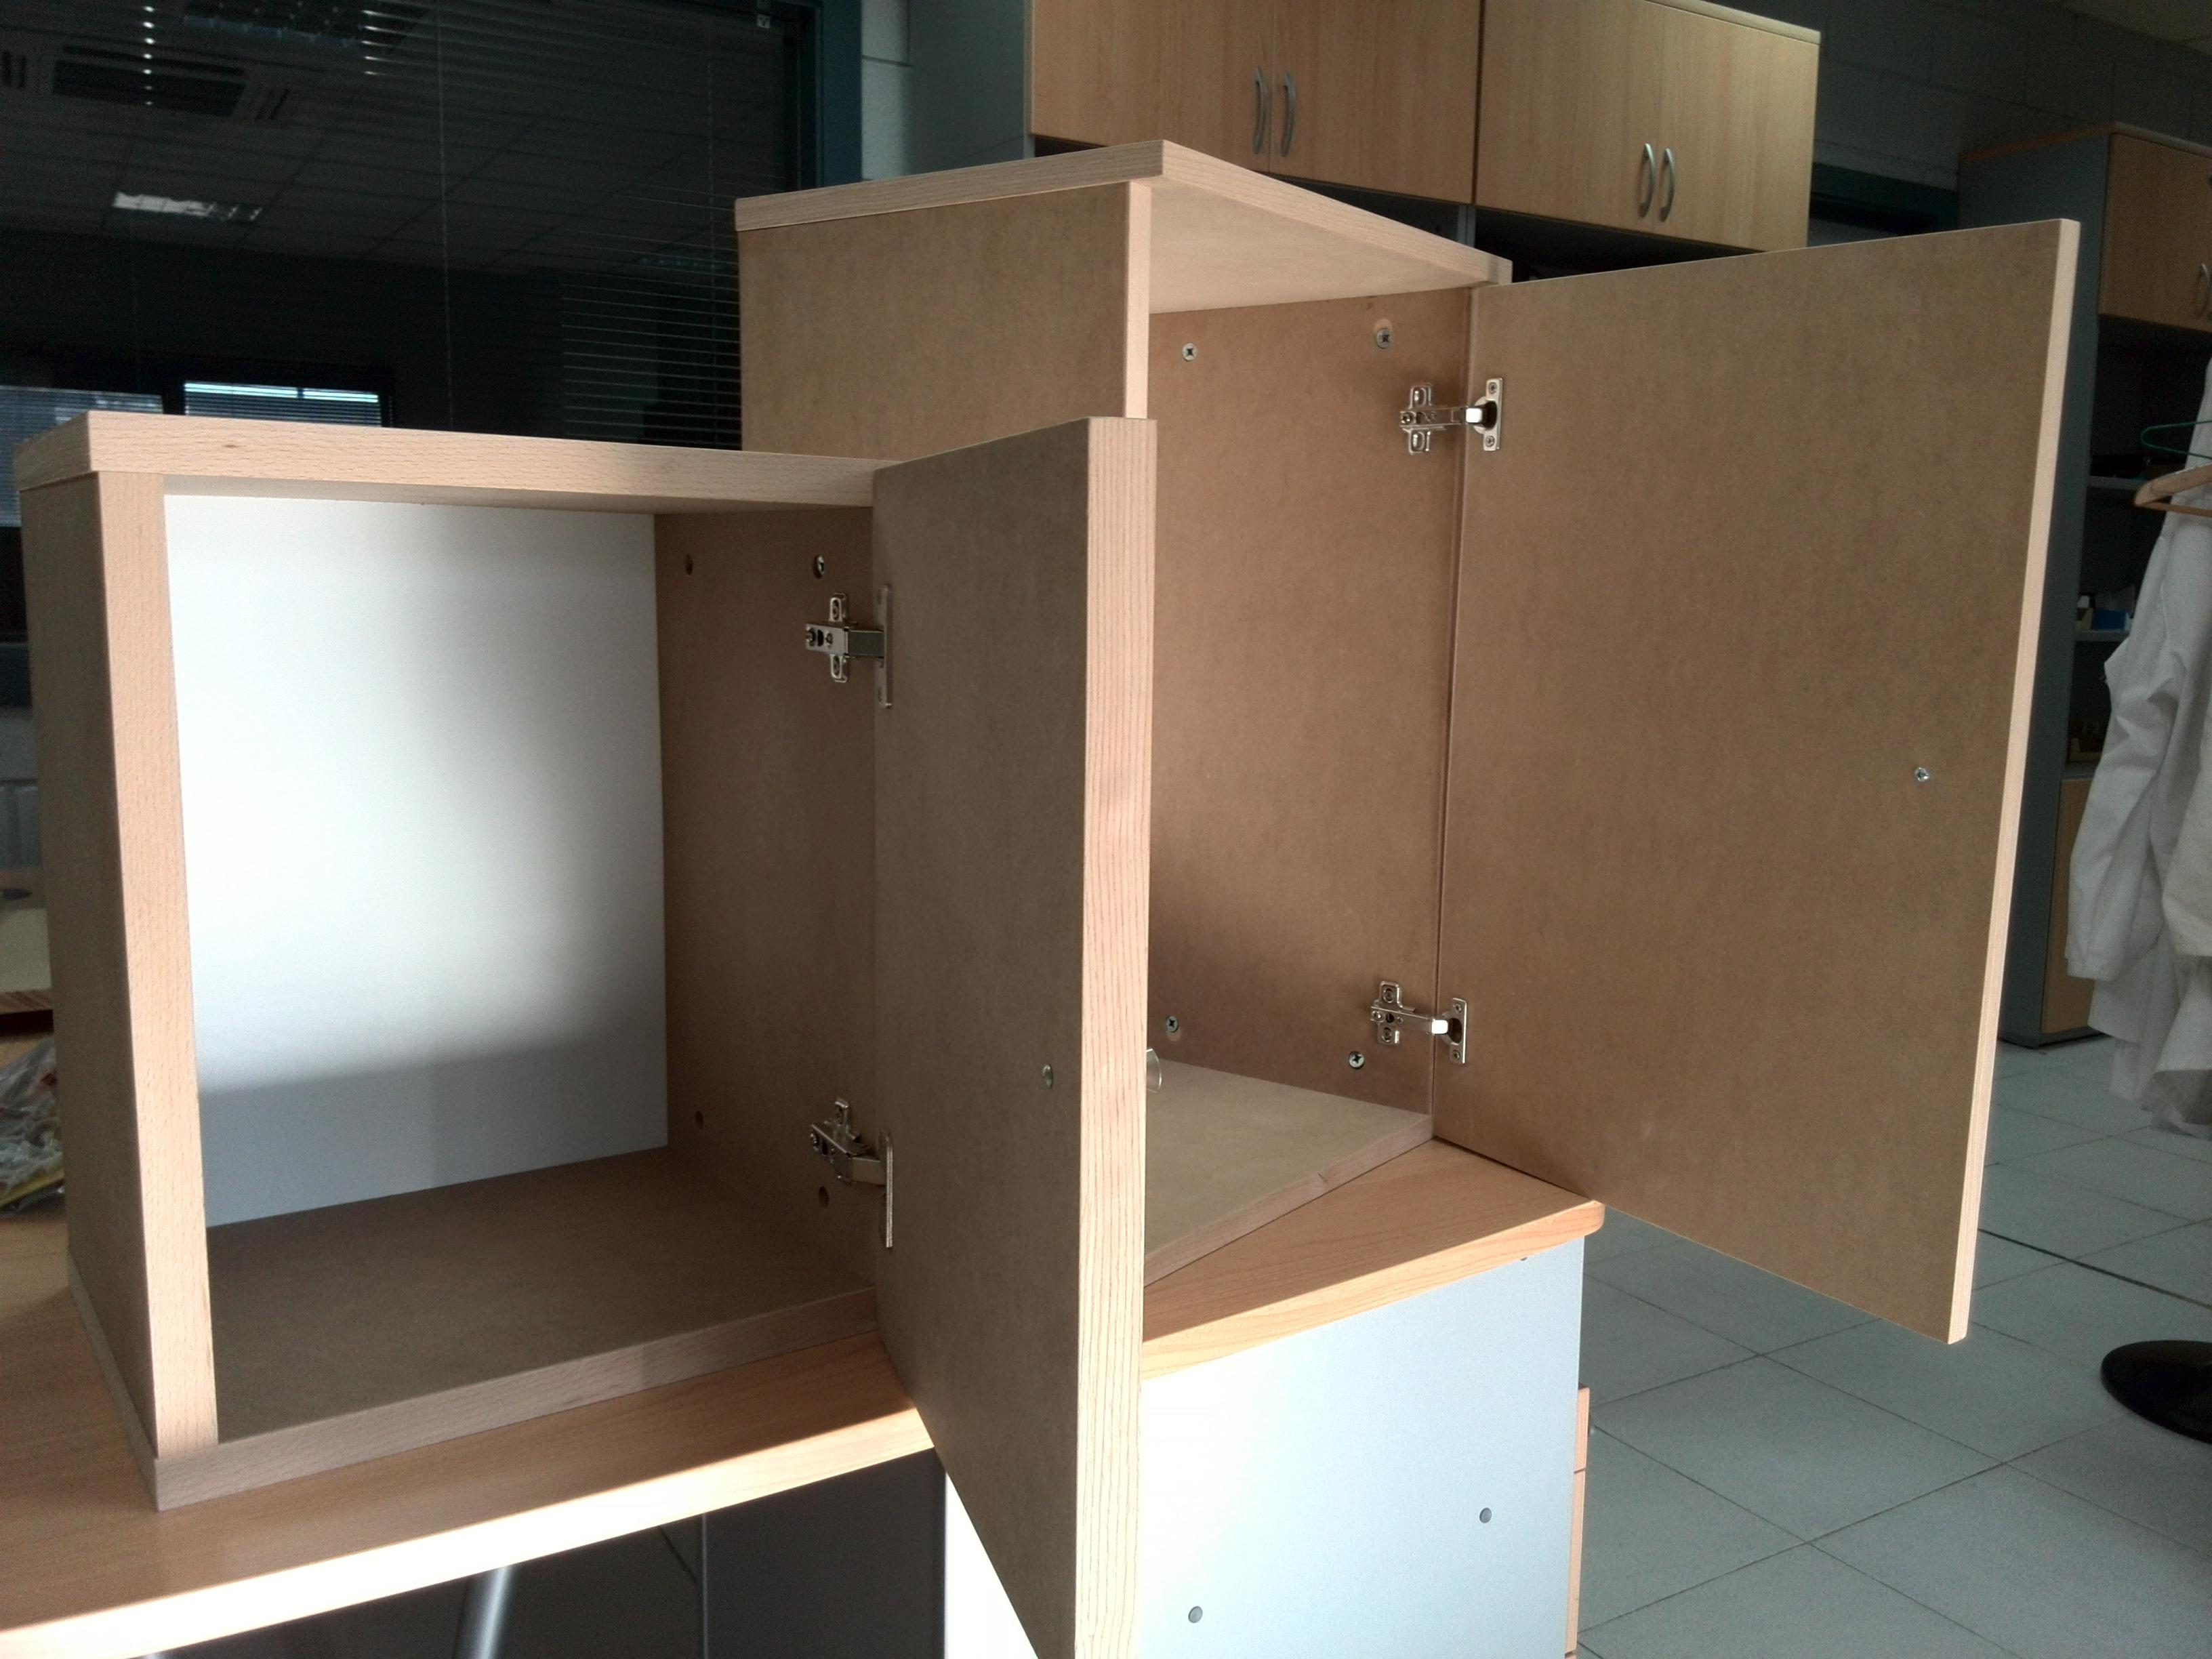 Aidima Instituto Tecnol Gico Del Mueble Madera Embalaje Y Afines # Muebles Novedosos